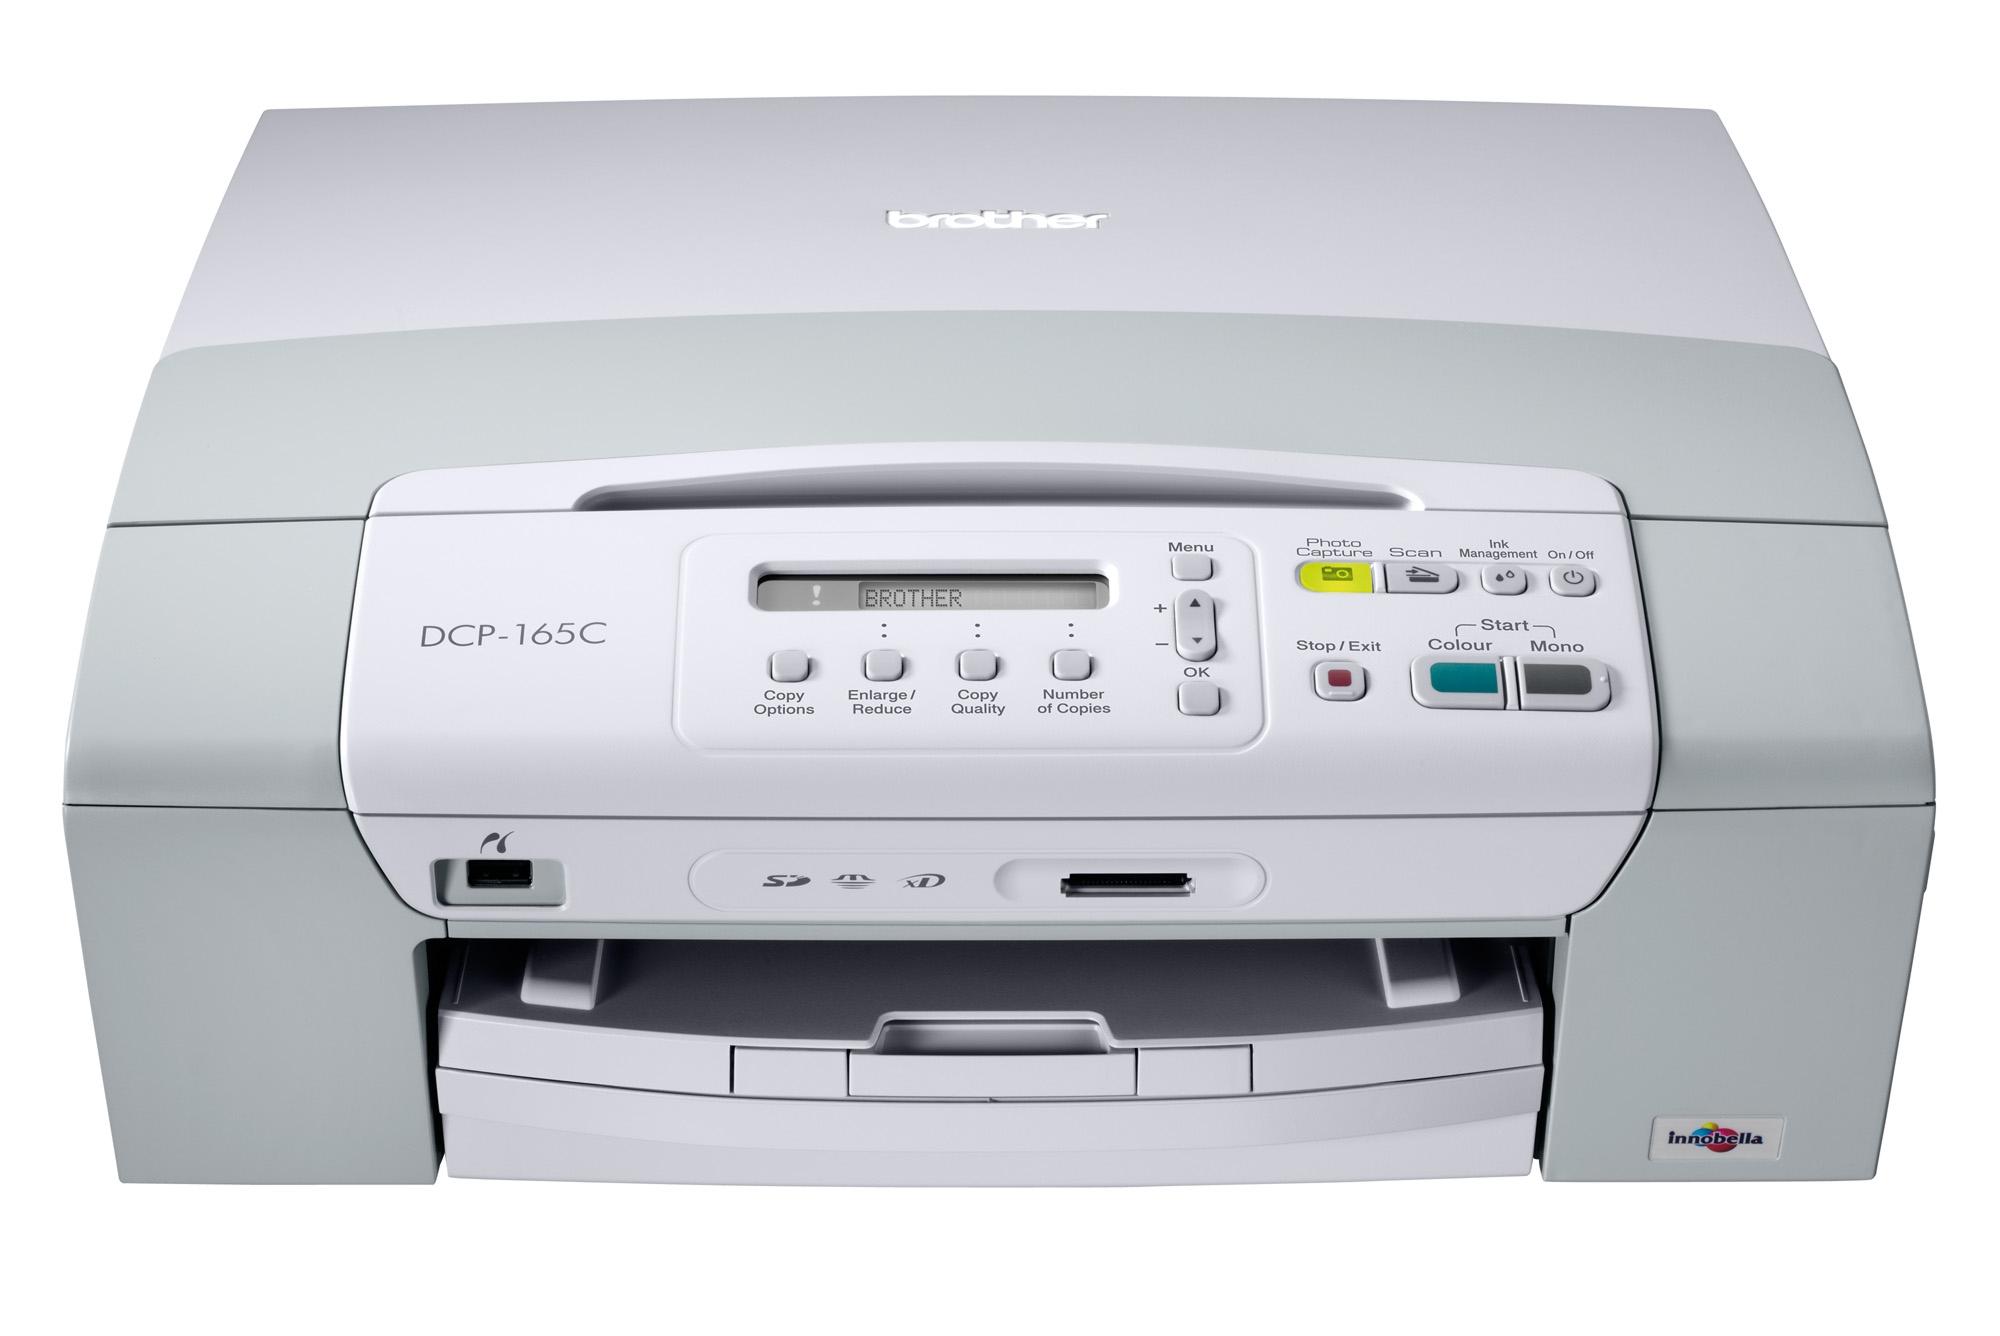 DCP 165C